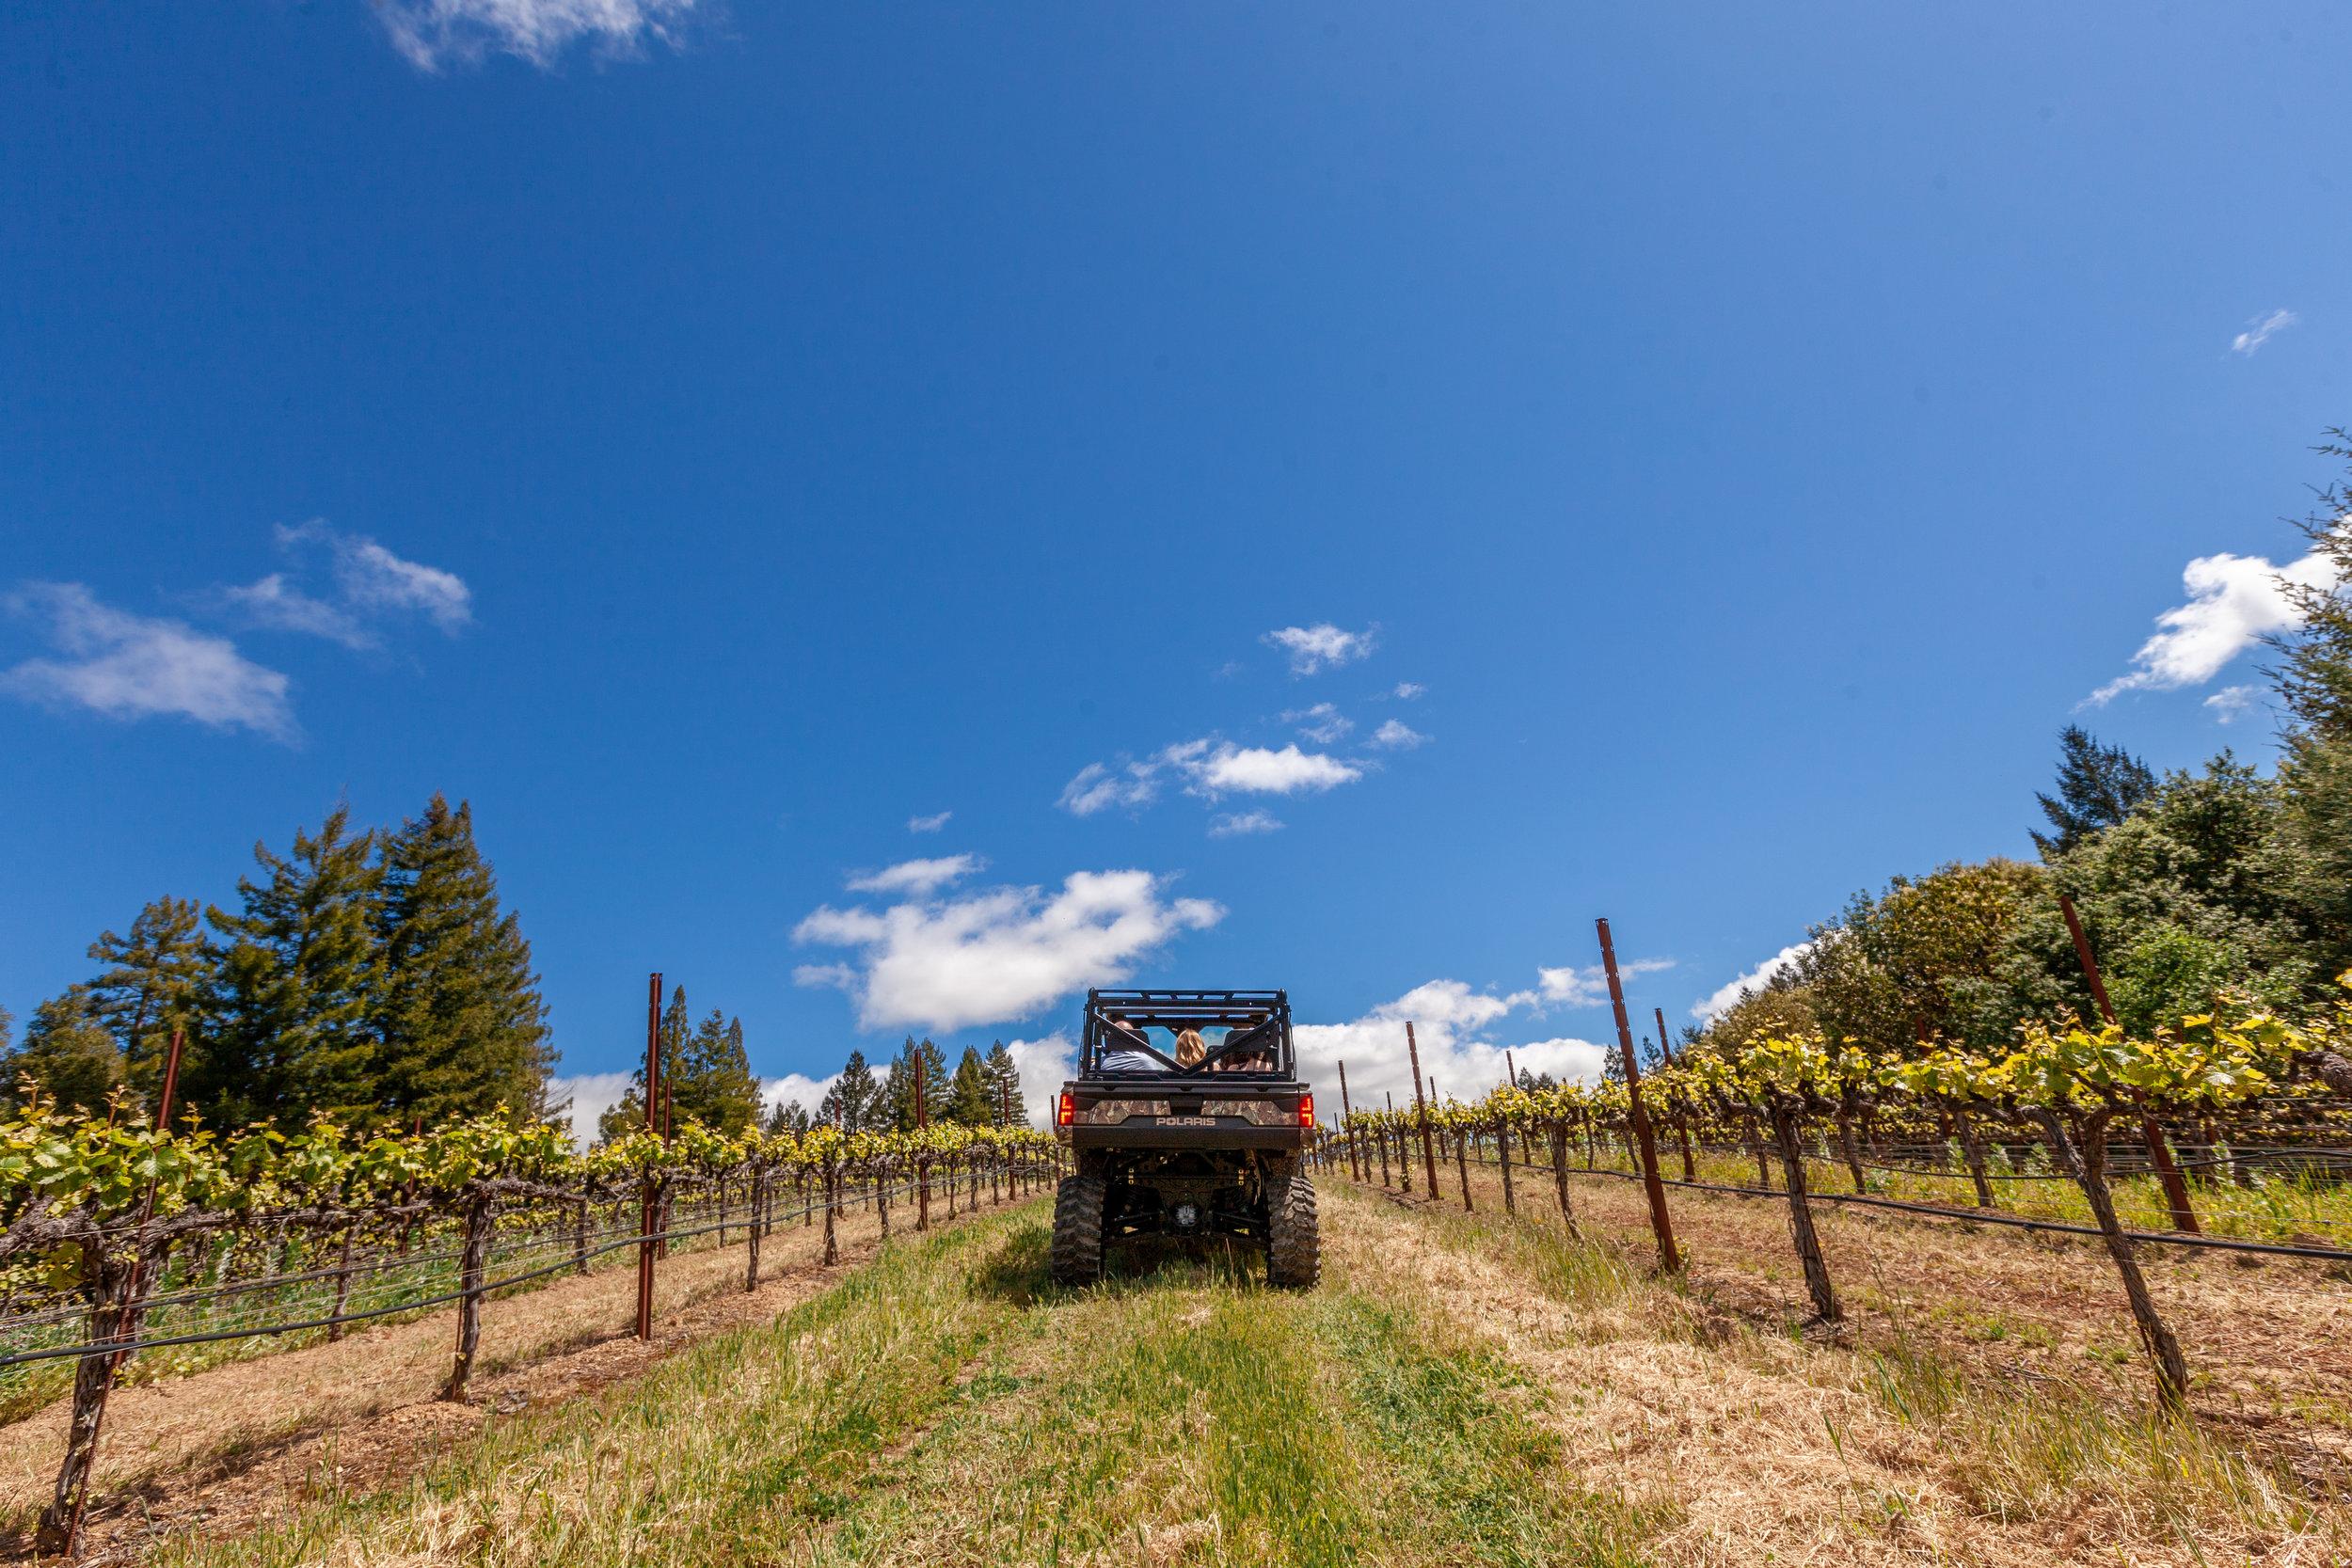 ATV on vineyard tour